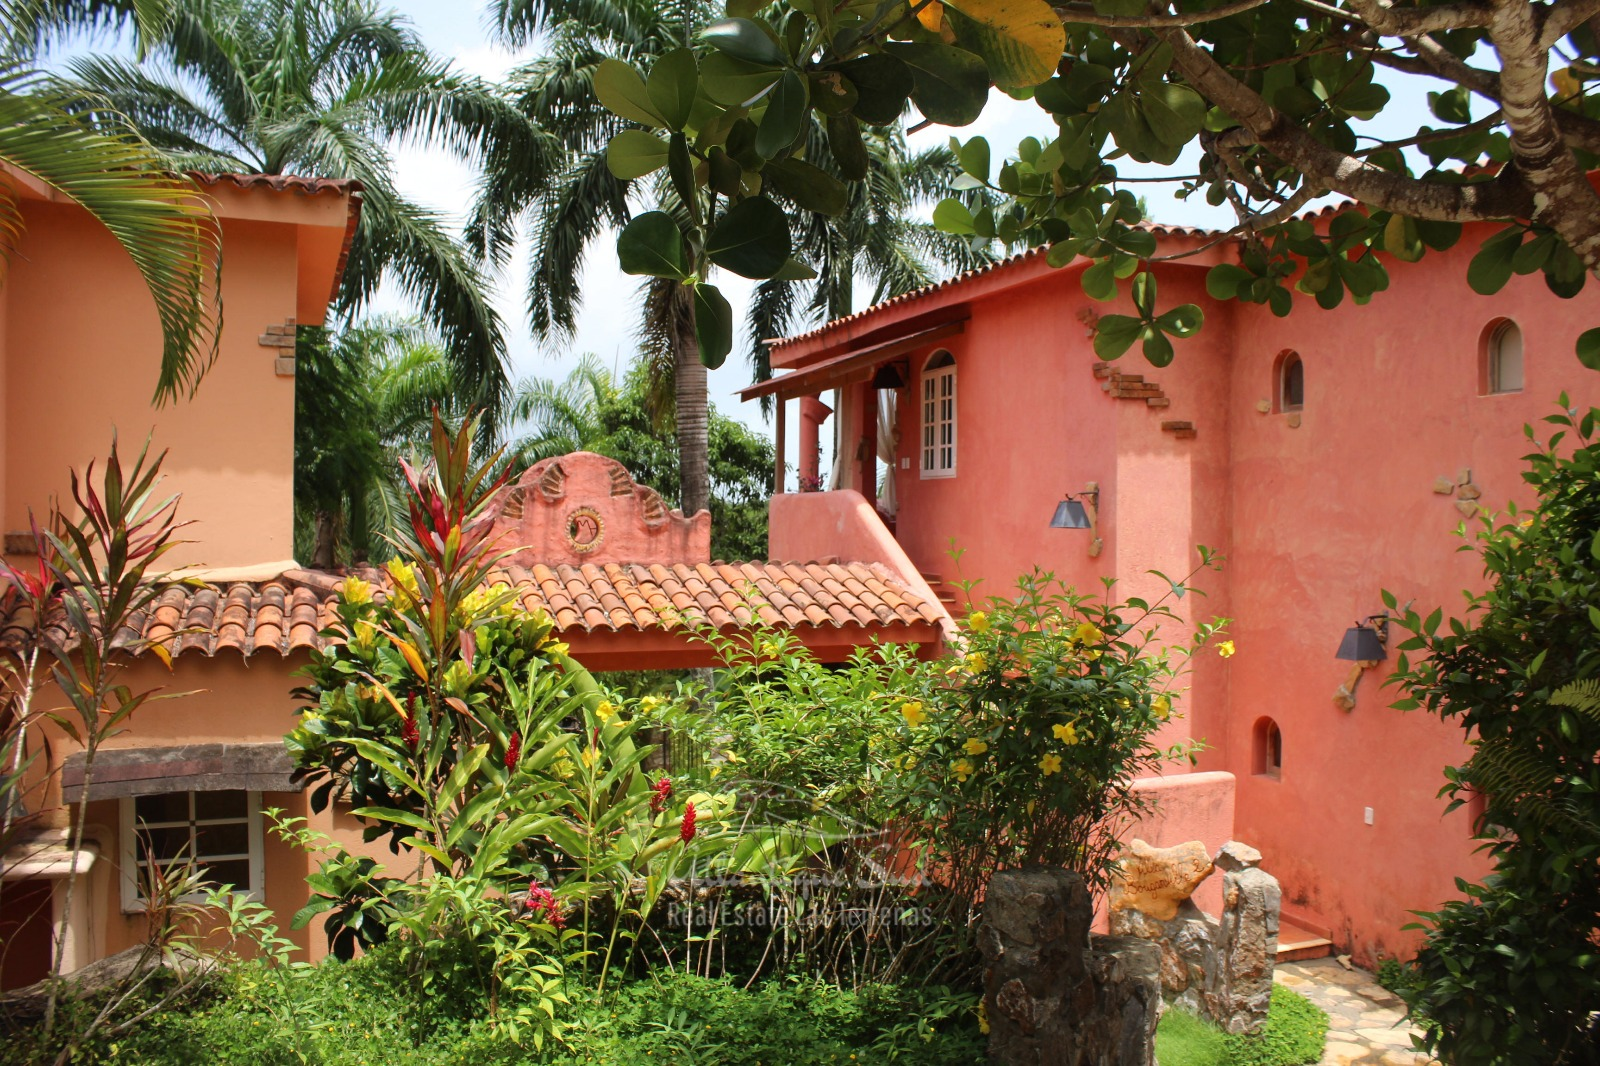 Mediterranean Condominiums for sale Real Estate Las Terrenas 40 (2).jpeg